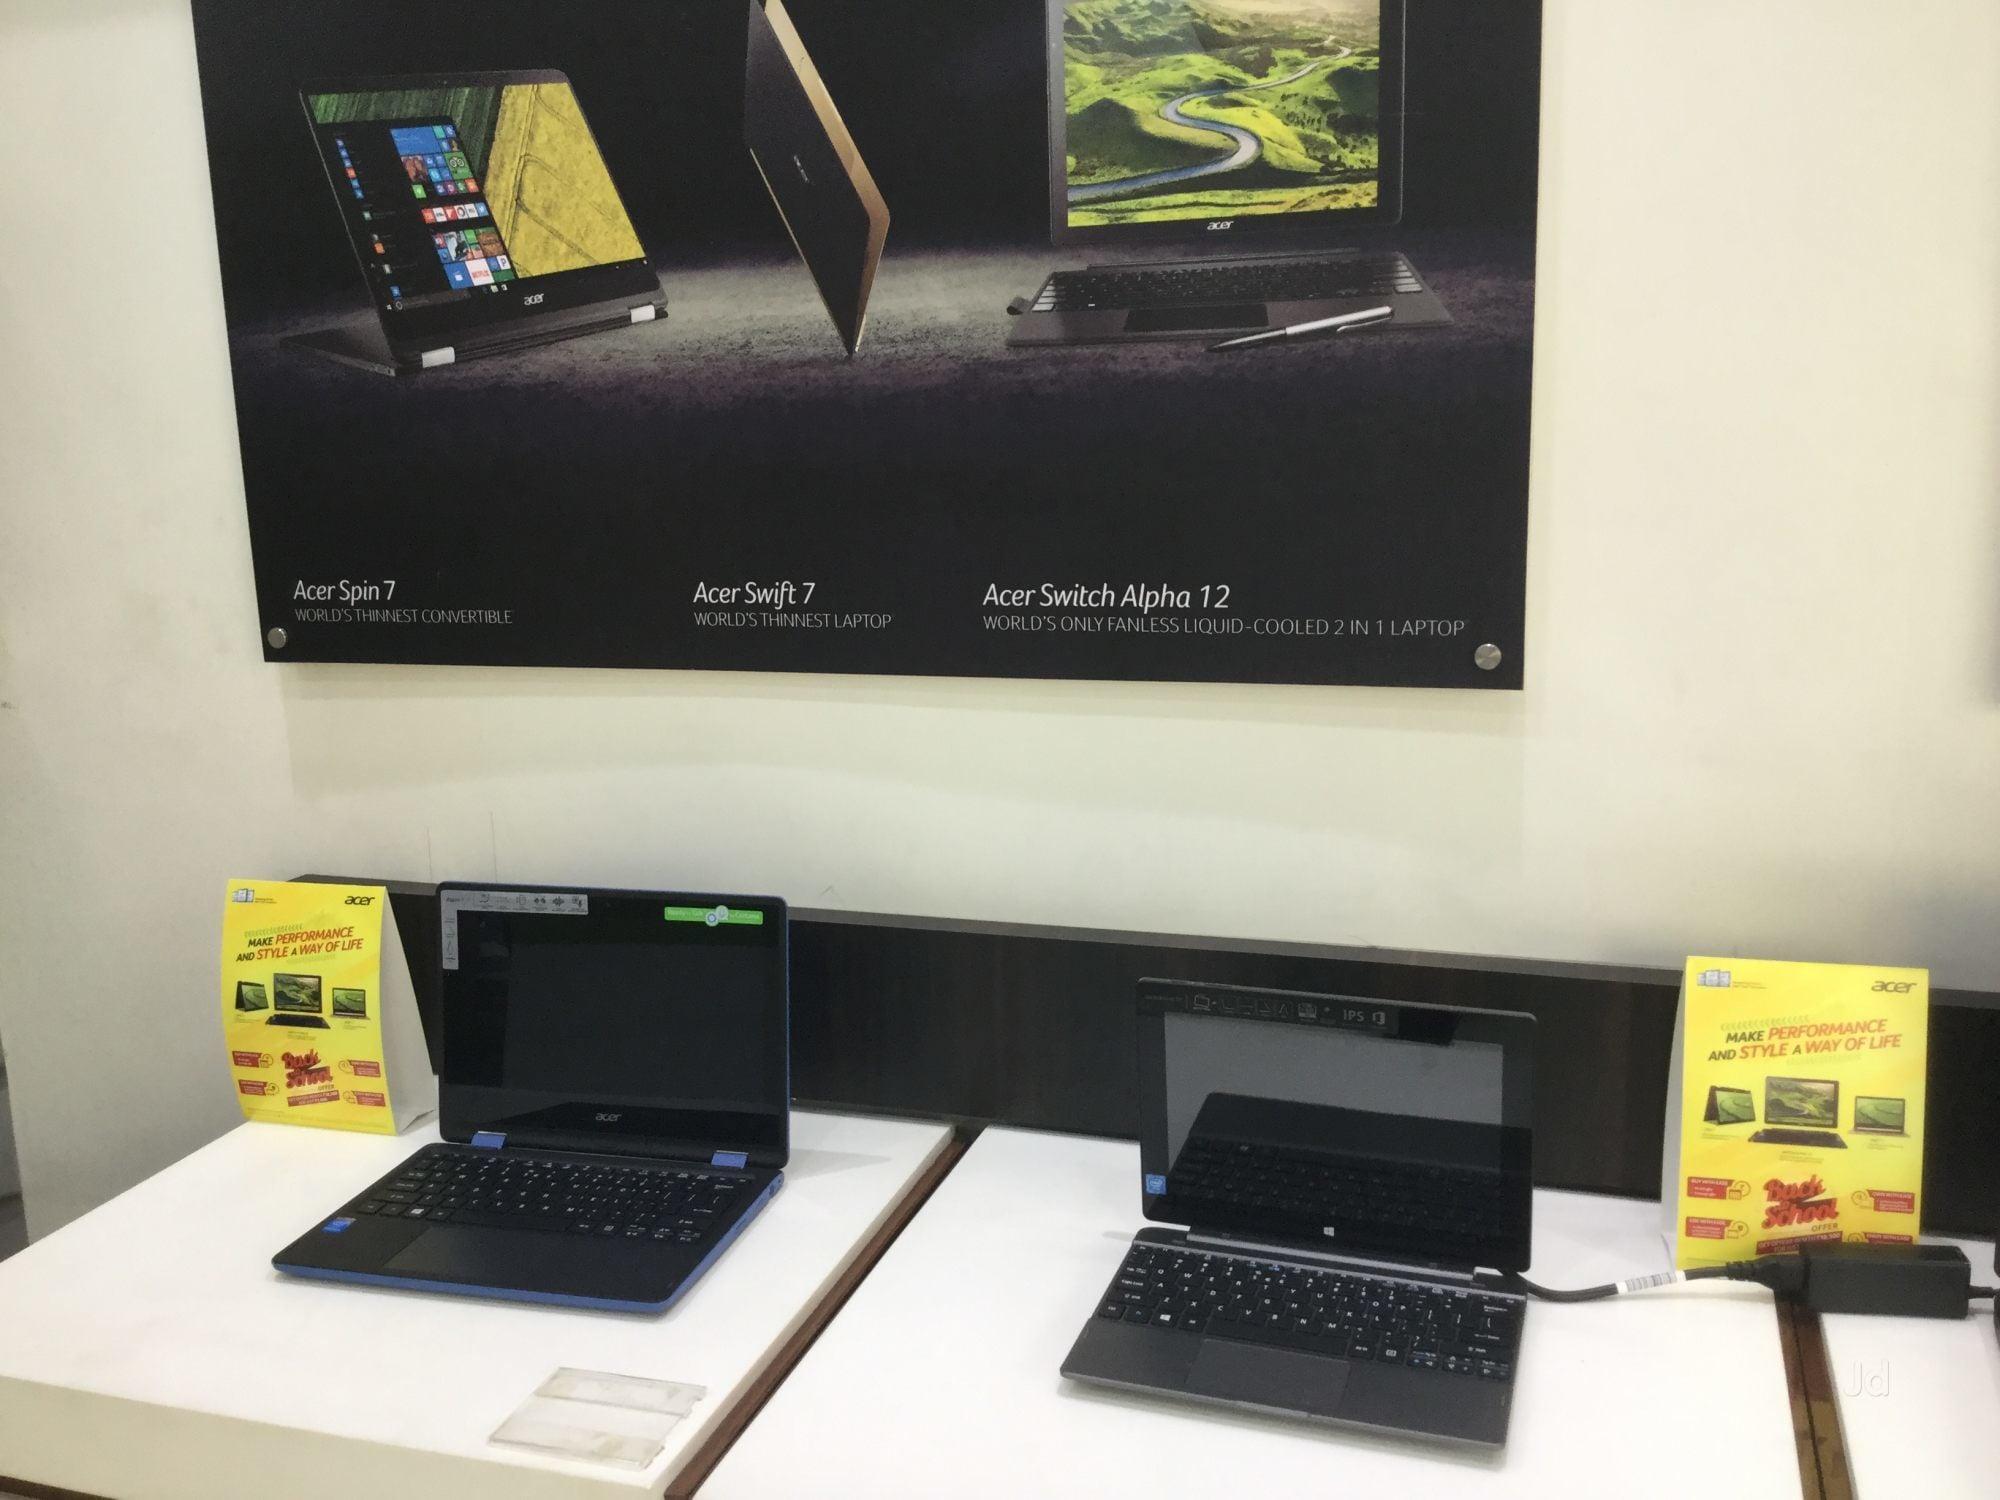 Top Acer Computer Printer Dealers In Meerut Best 2 Way Switch